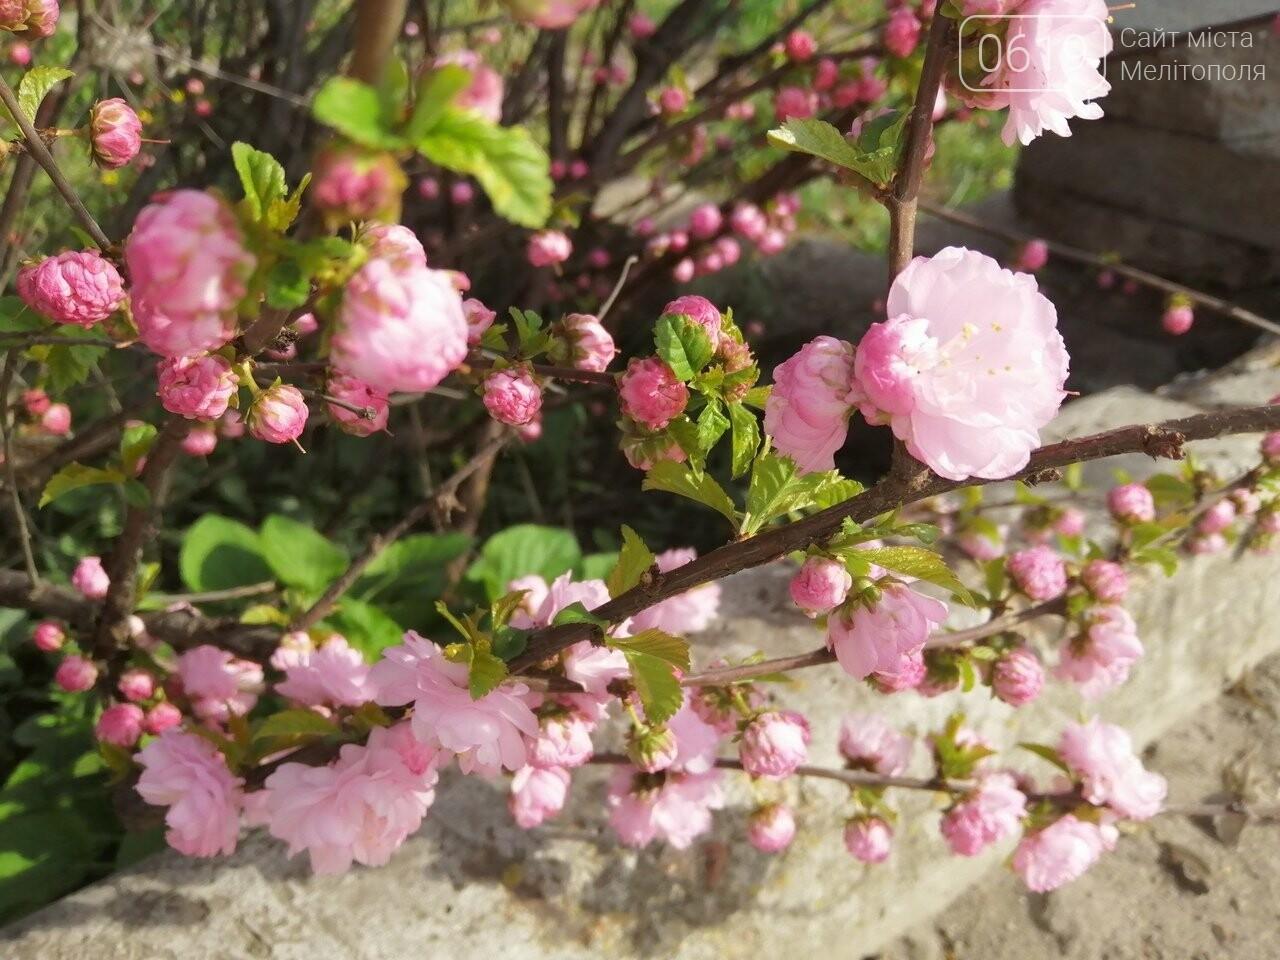 В Мелитополе расцвели майские розы, фото-3, Фото сайта 0619